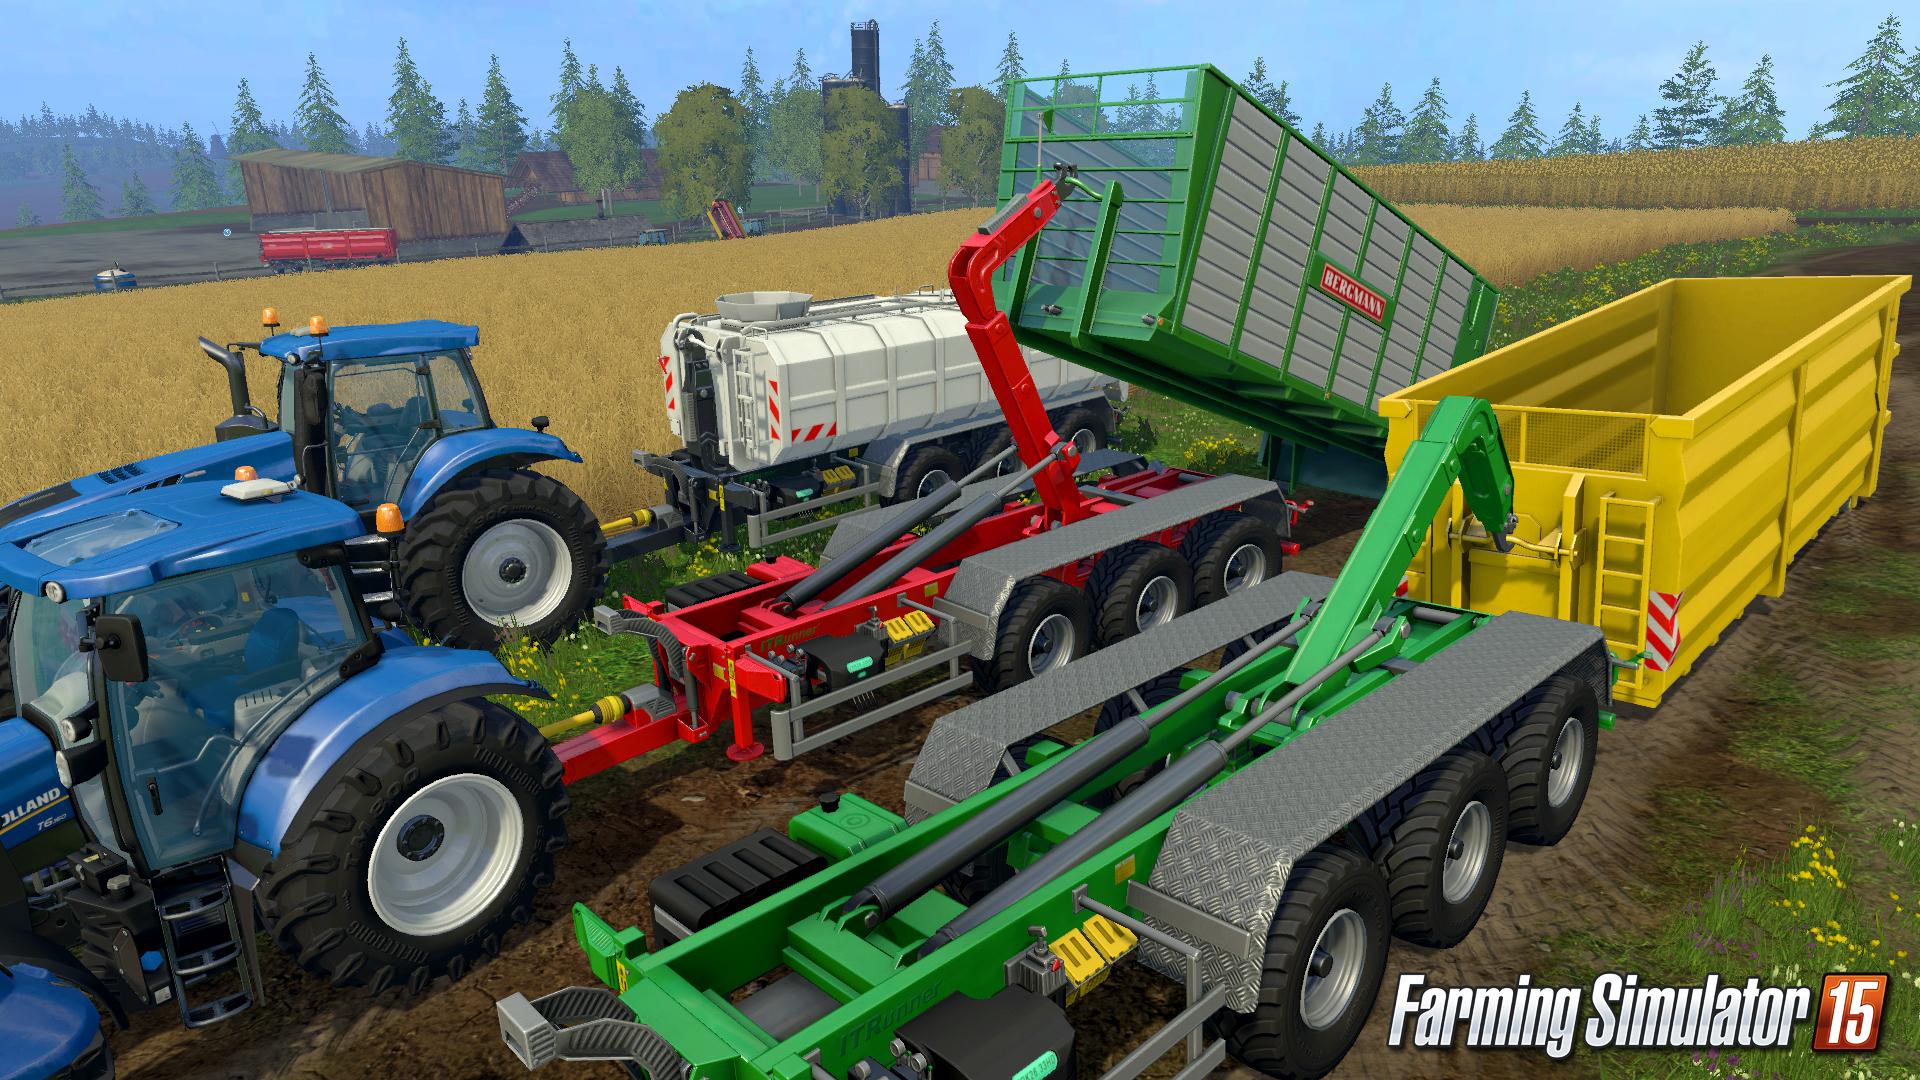 Скачать игру фермер симулятор 15